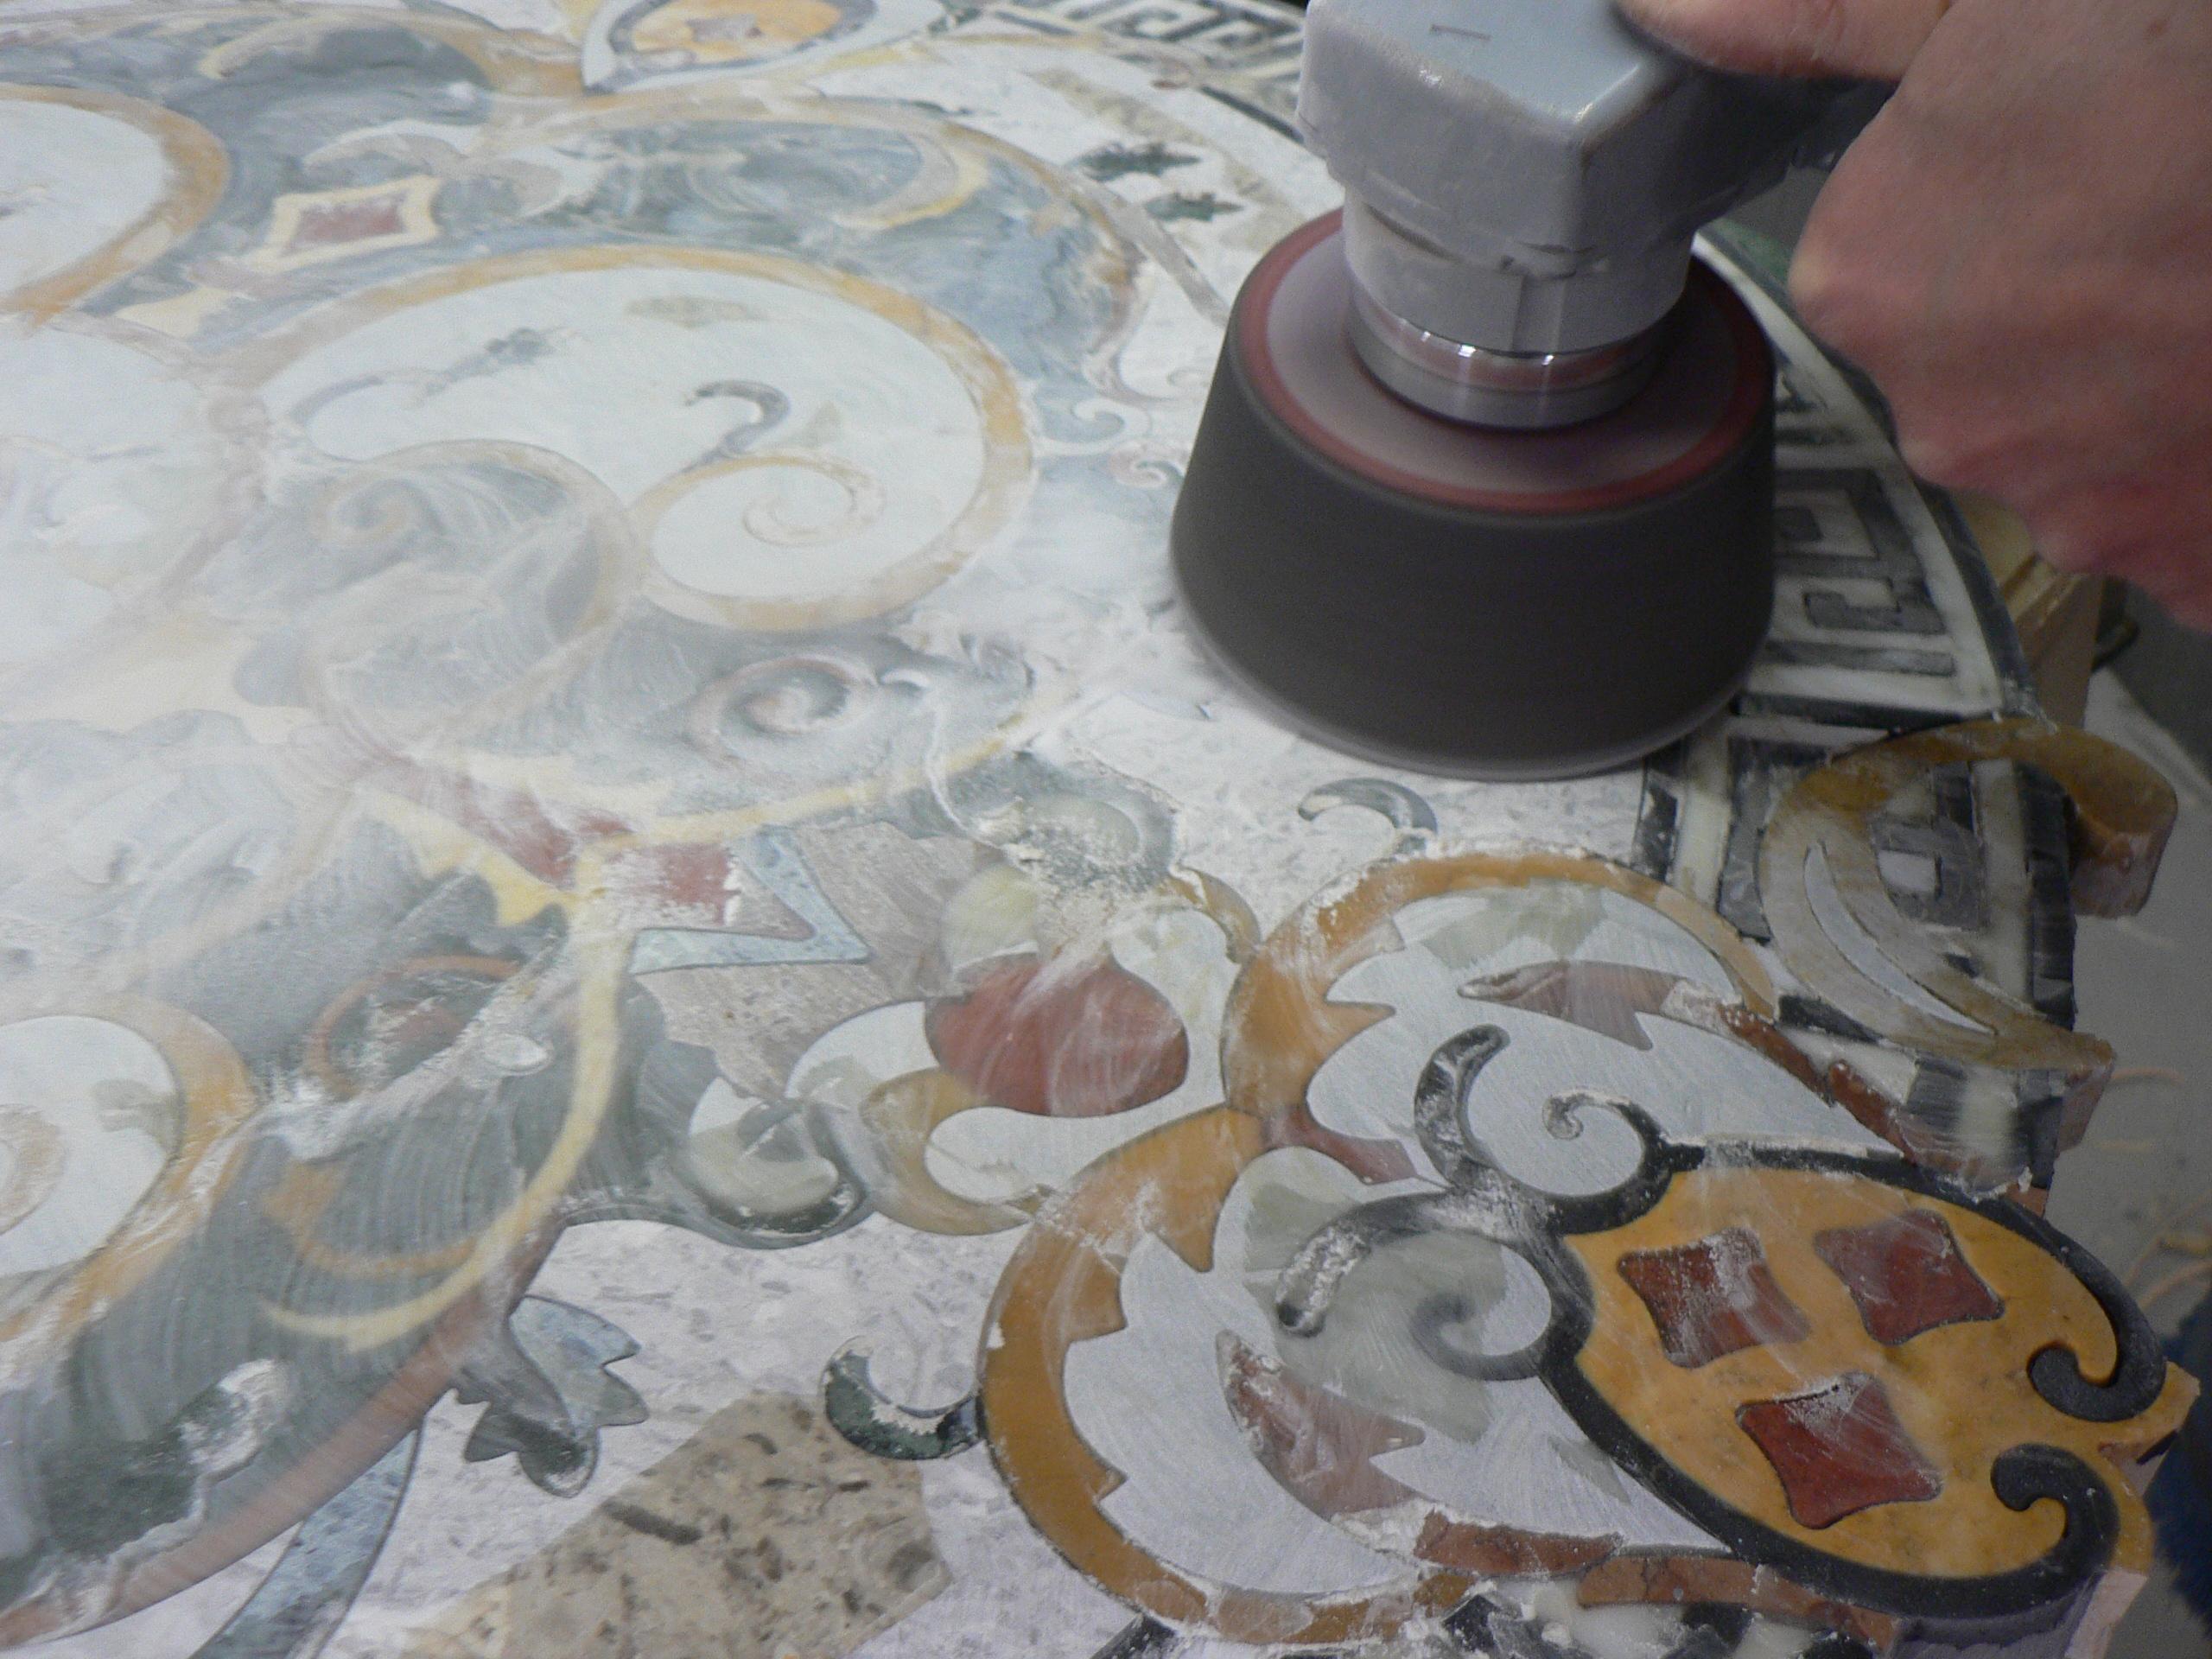 artigiani marmista lavorazione marmo